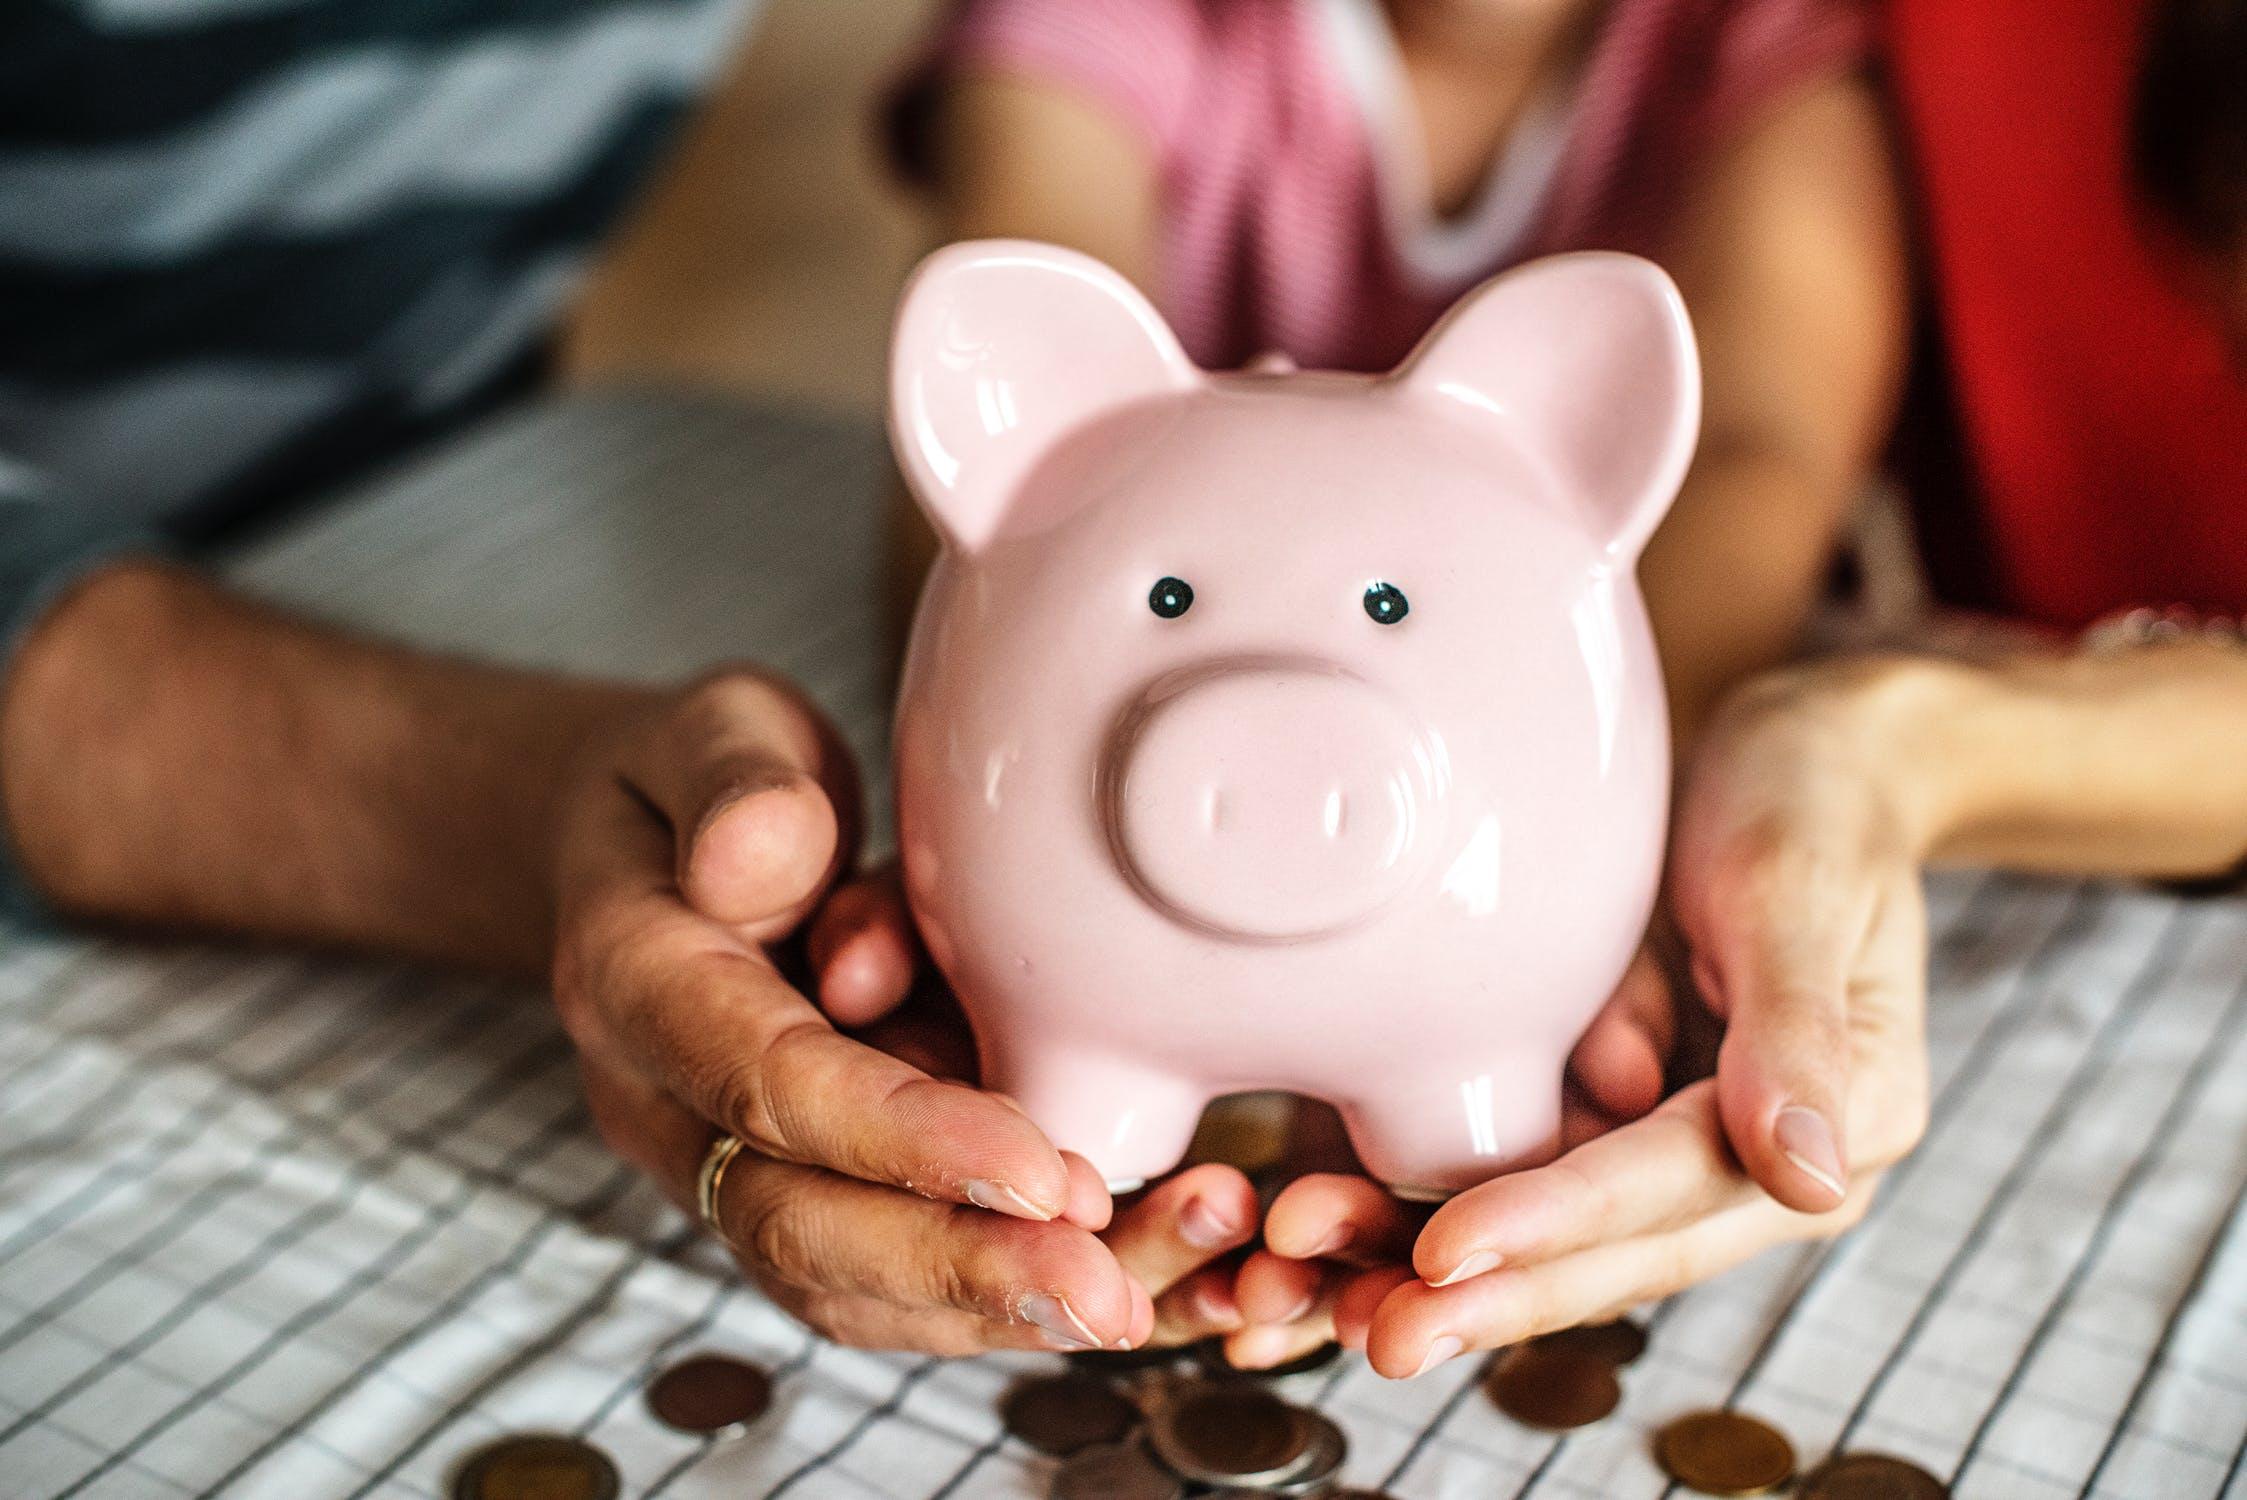 kā īsti nopelnīt naudu par iespējām